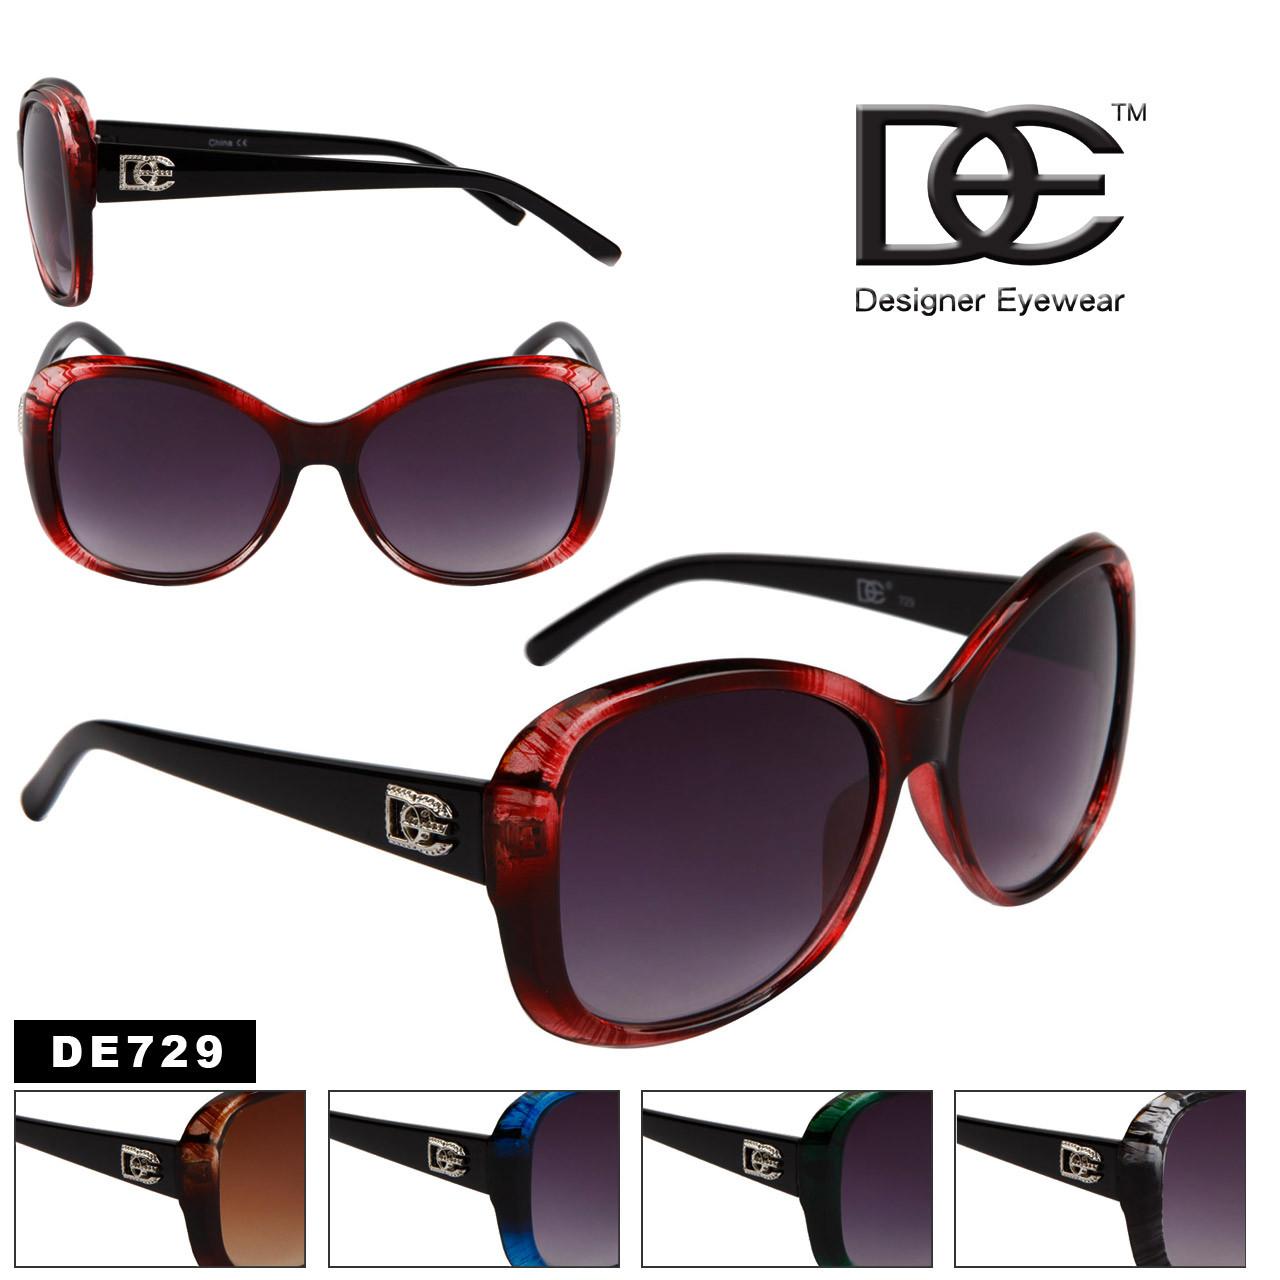 5748ee7cbab6 DE™ Designer Eyewear Bulk Sunglasses - Style   DE729